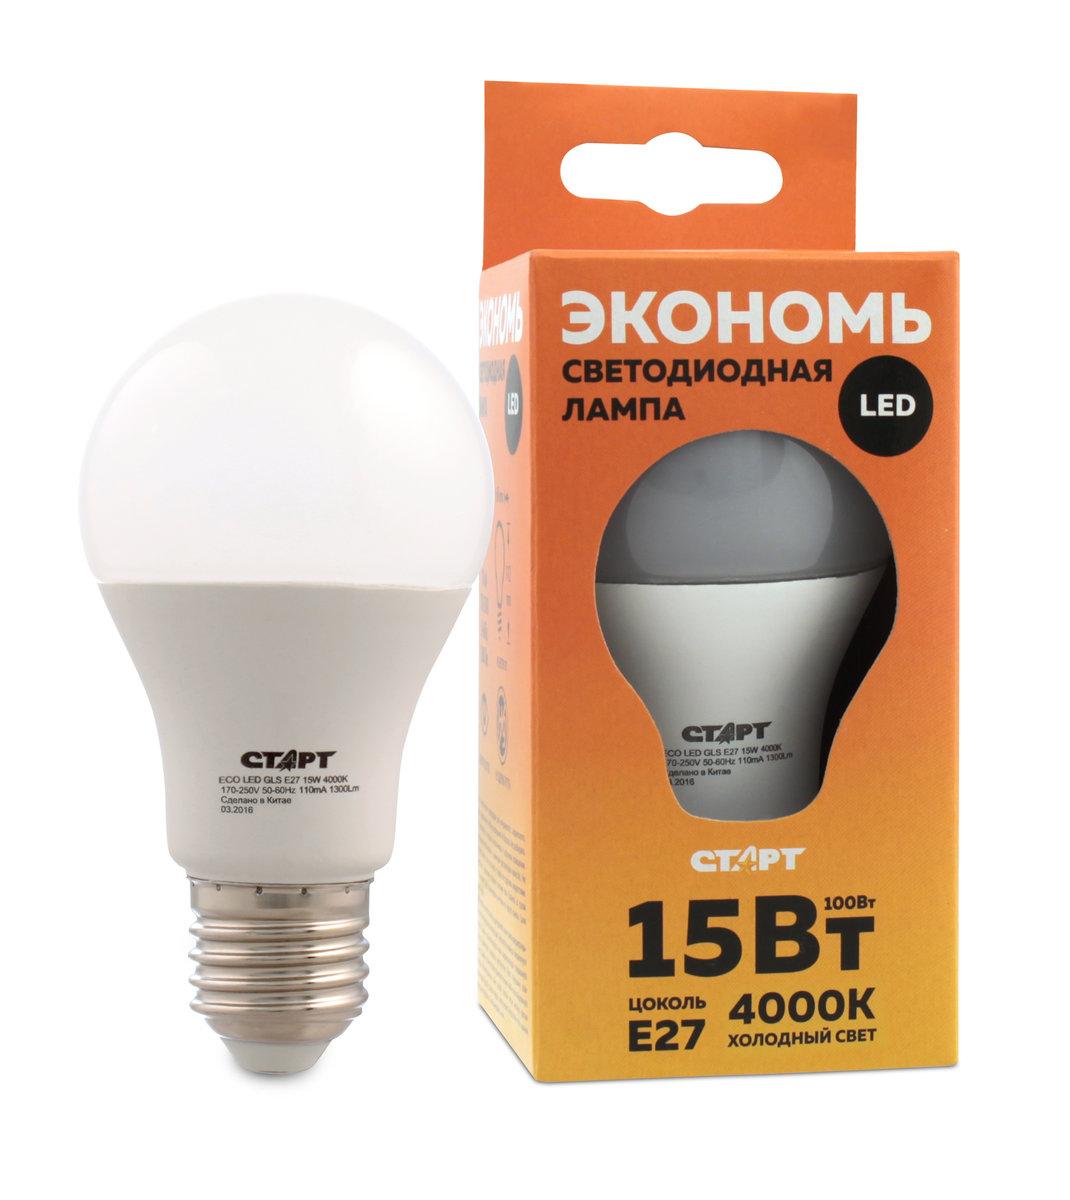 Лампа светодиодная СТАРТ, холодный свет, цоколь E27, 15W10665Светодиодная лампа СТАРТ – это самый энергоэффективный источник света, при этом имеющий рекордный срок службы. Светодиодные лампы – изделия прочные, не боятся падения с высоты человеческого роста, встрясок и вибраций. Лампа не имеет вредных материалов в своем составе, а также в процессе эксплуатации светодиодная лампа не излучает ИК- и УФ-лучи.Мощность, Вт: 15.Световой поток, Лм: 1200.Напряжение и частота: 220-240 V.мЦоколь: E27.Угол светового пучка: 240°Цветовая температура, К: 4000.Срок службы, часов: 15000.